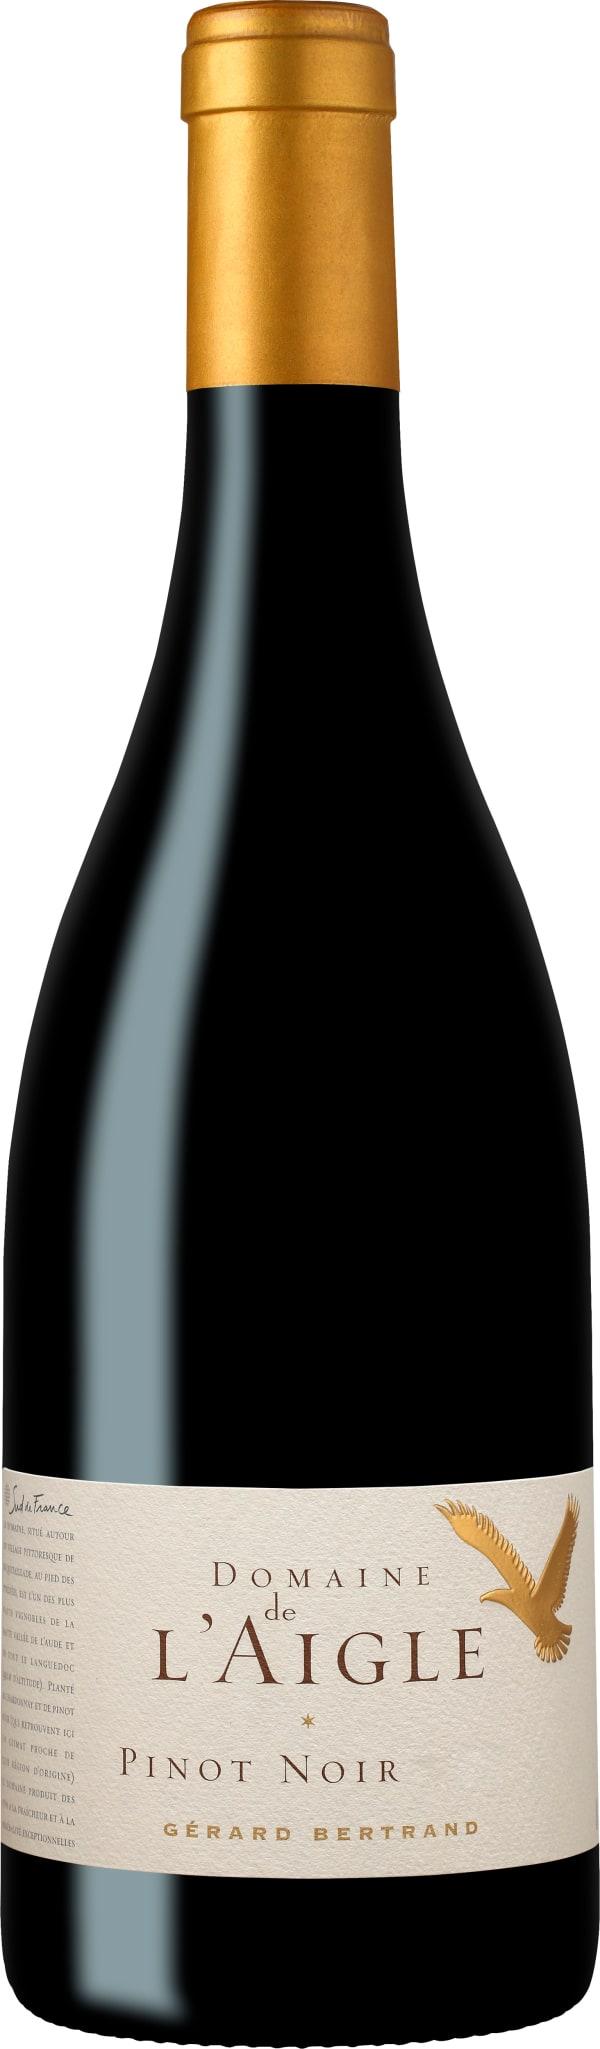 Gérard Bertrand Domaine de l'Aigle Pinot Noir 2017